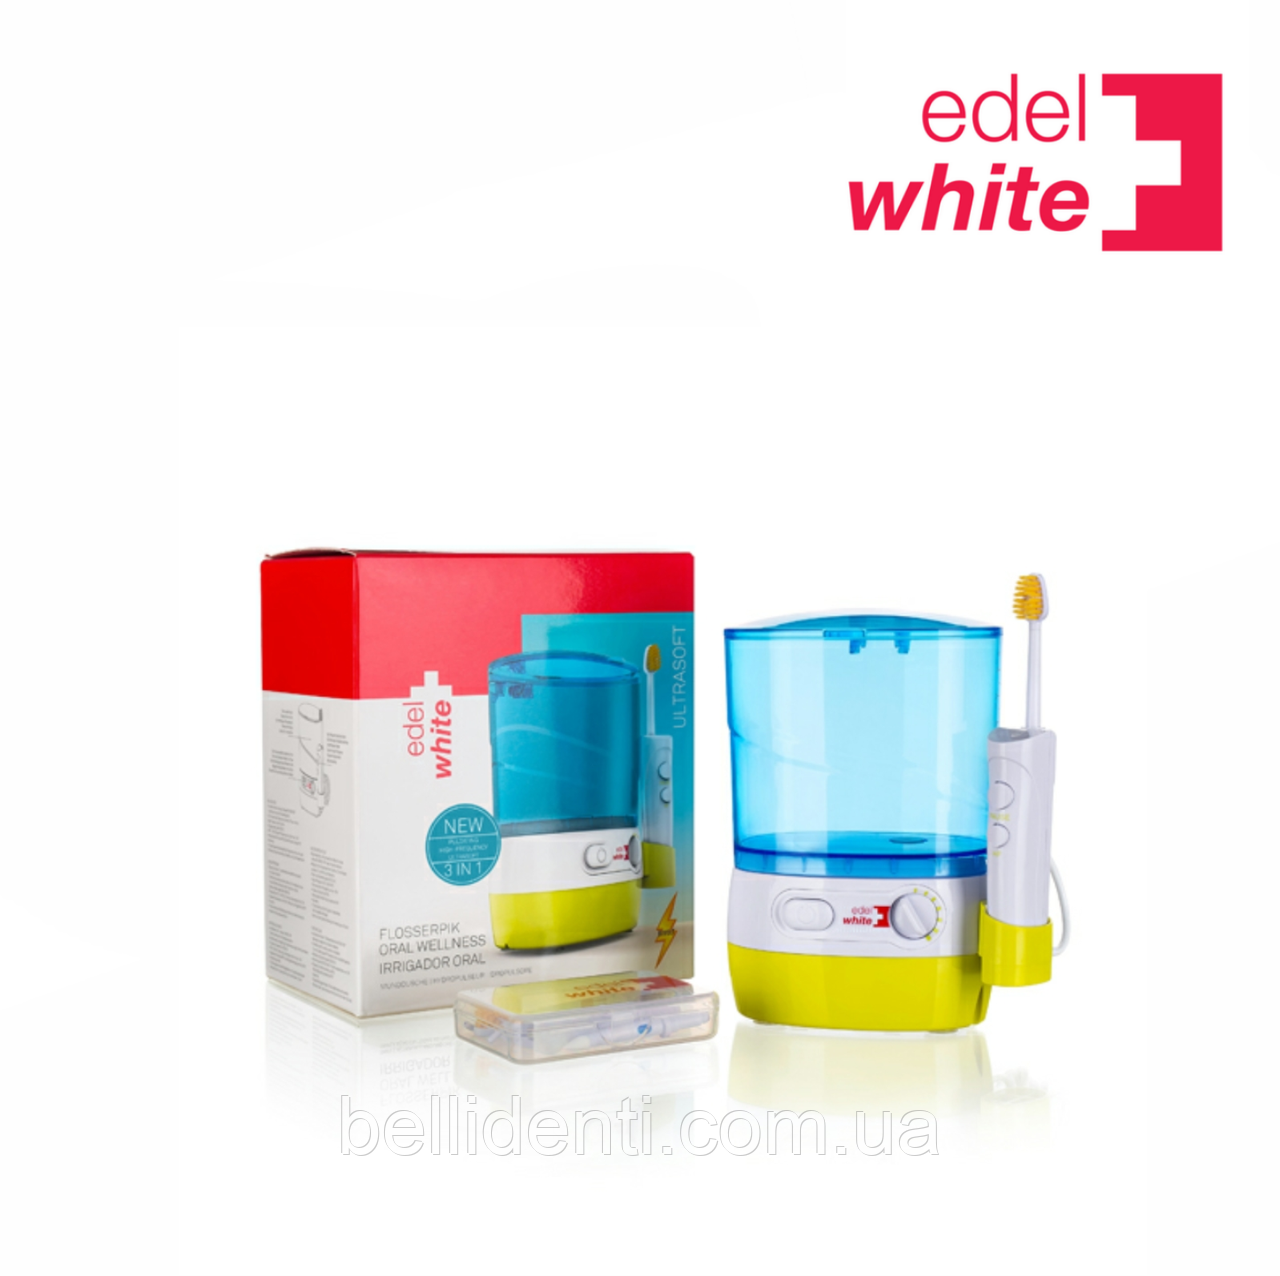 Ирригатор Edel+WhiteFlosserpik waterjet